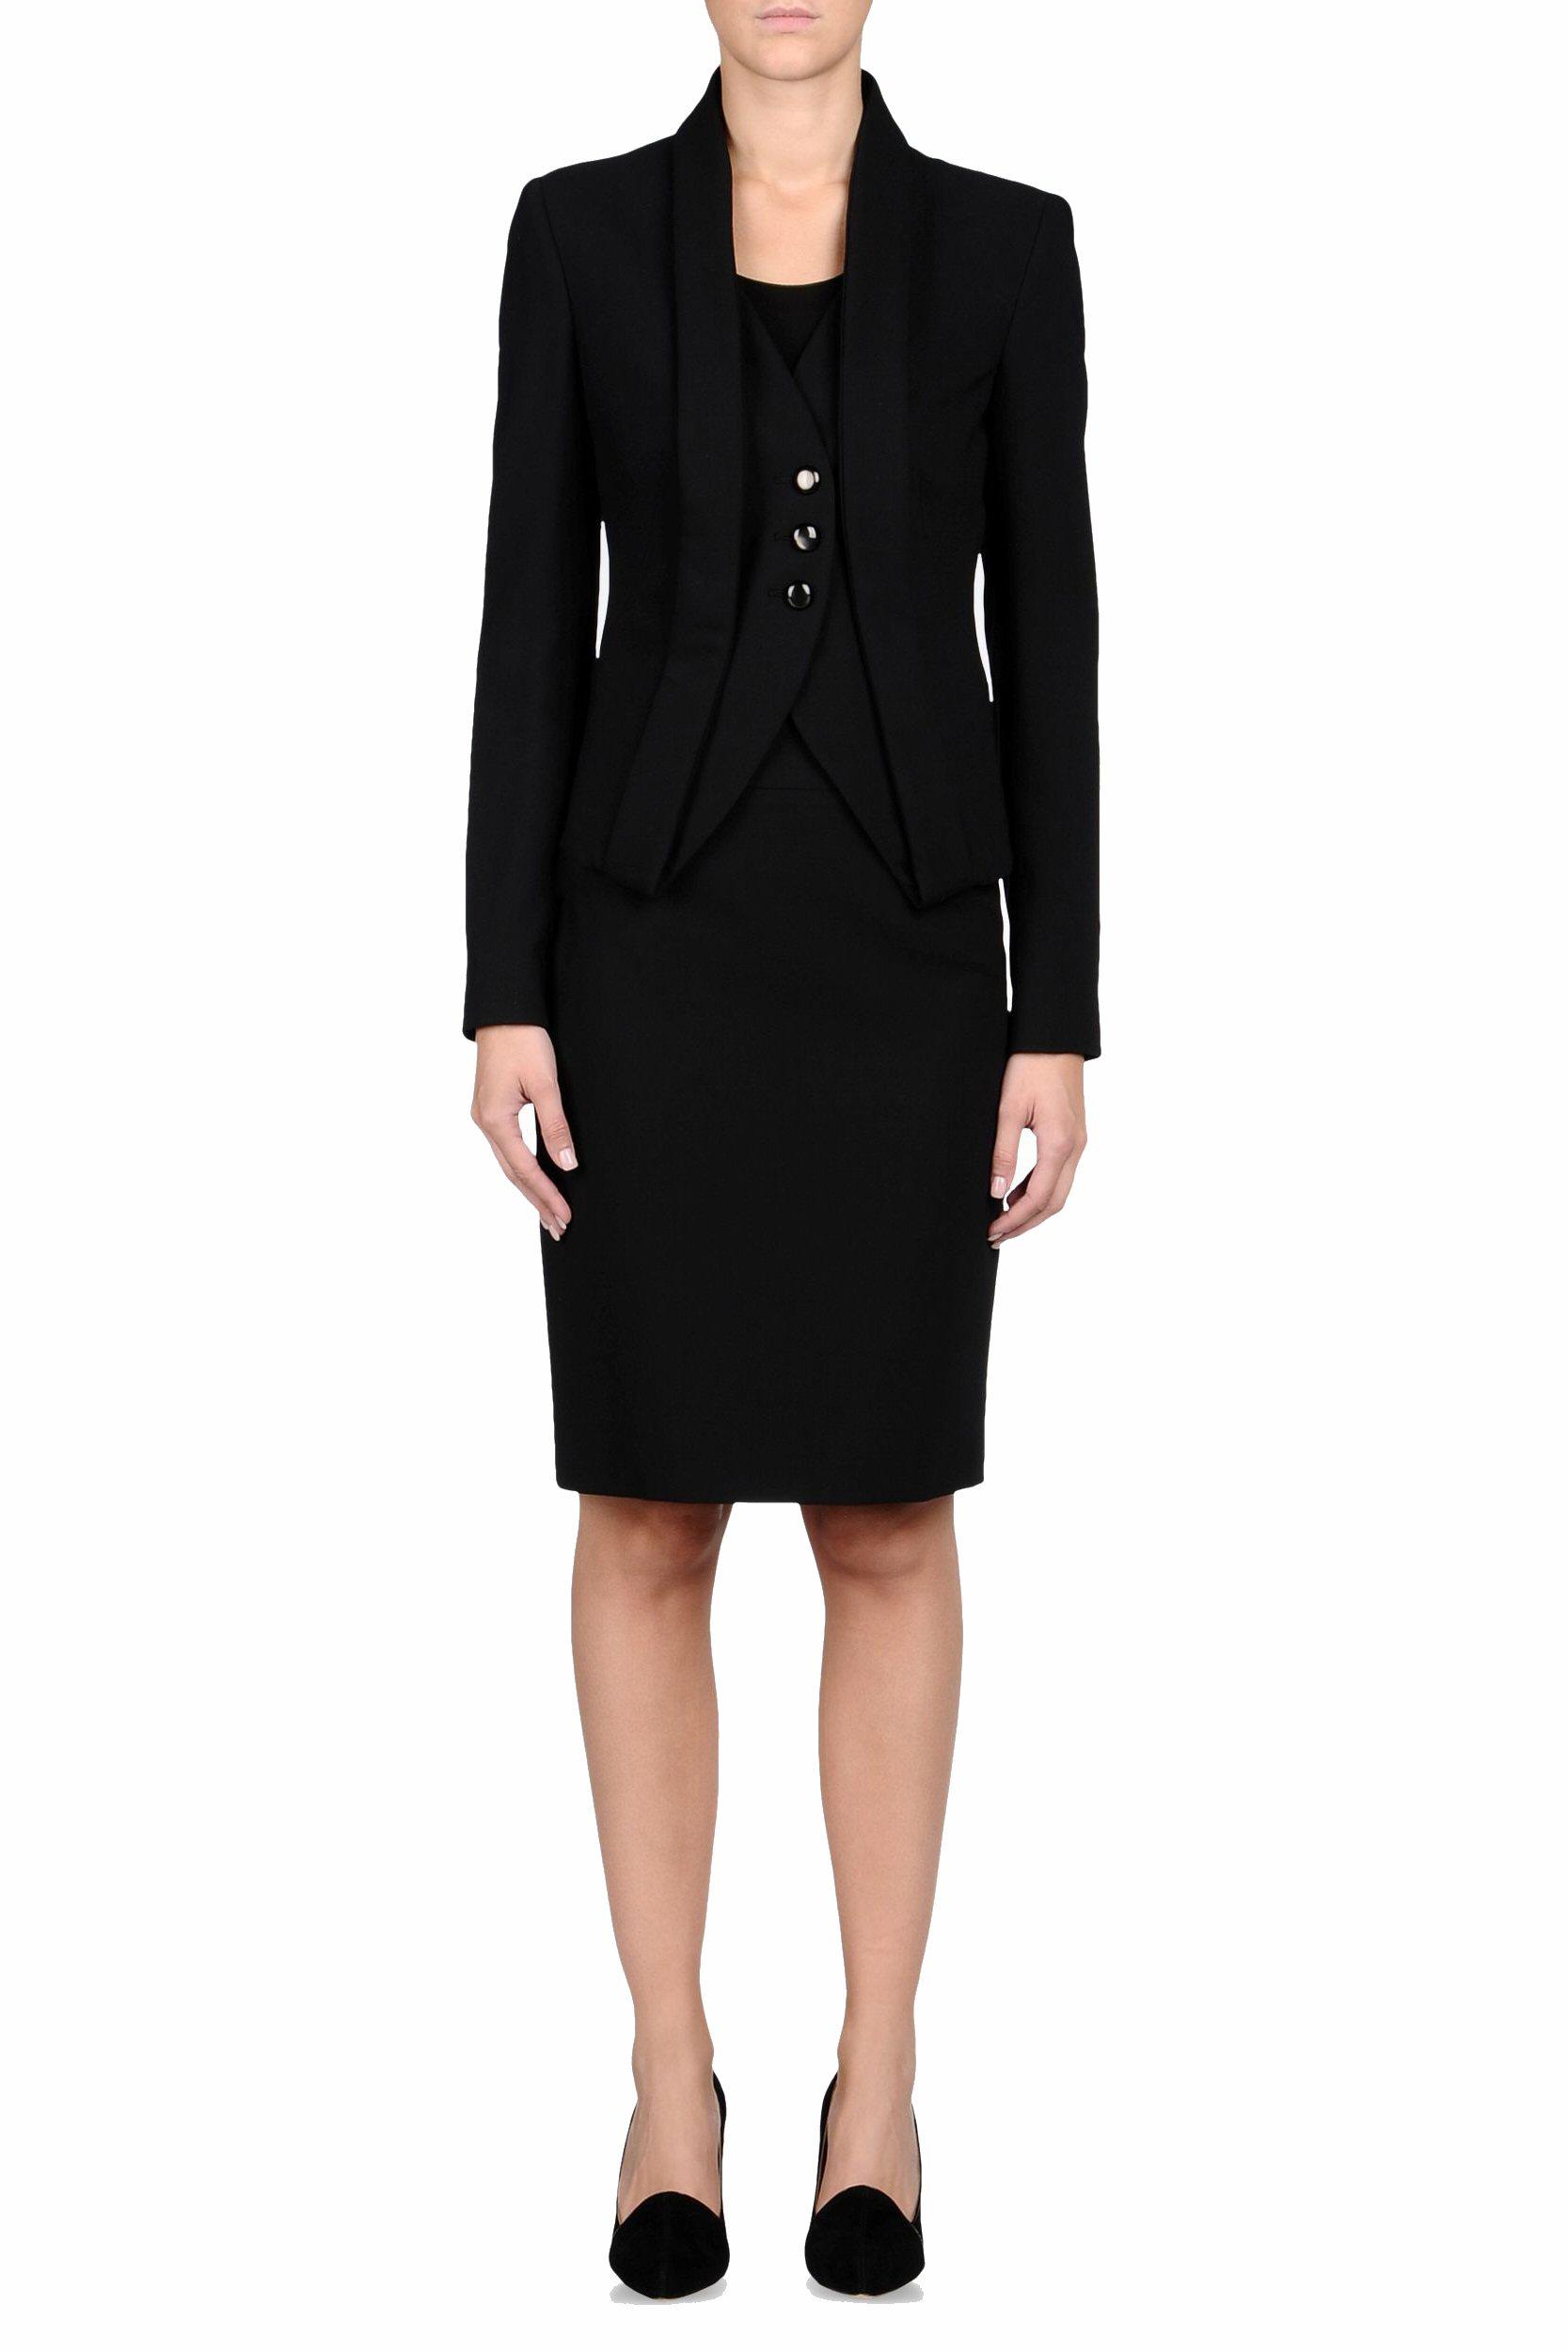 Armani Workwear 16-29